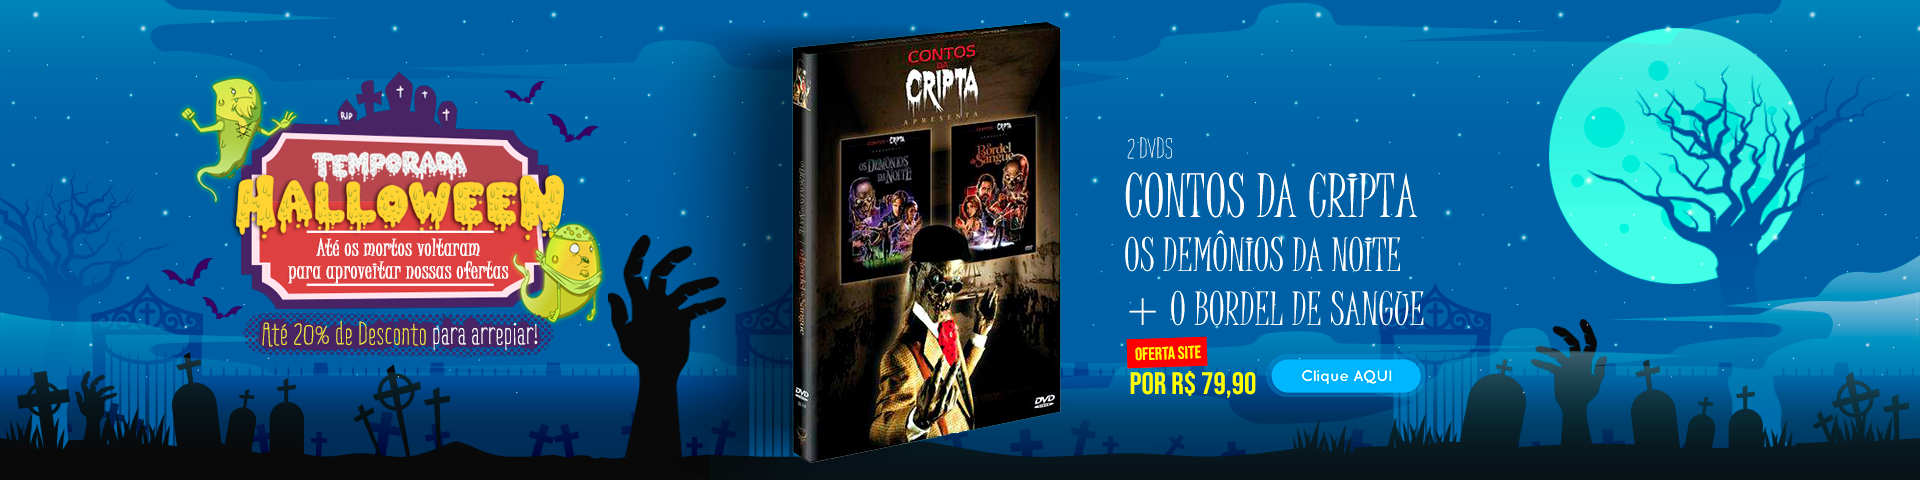 Halloween - Contos da Cripta